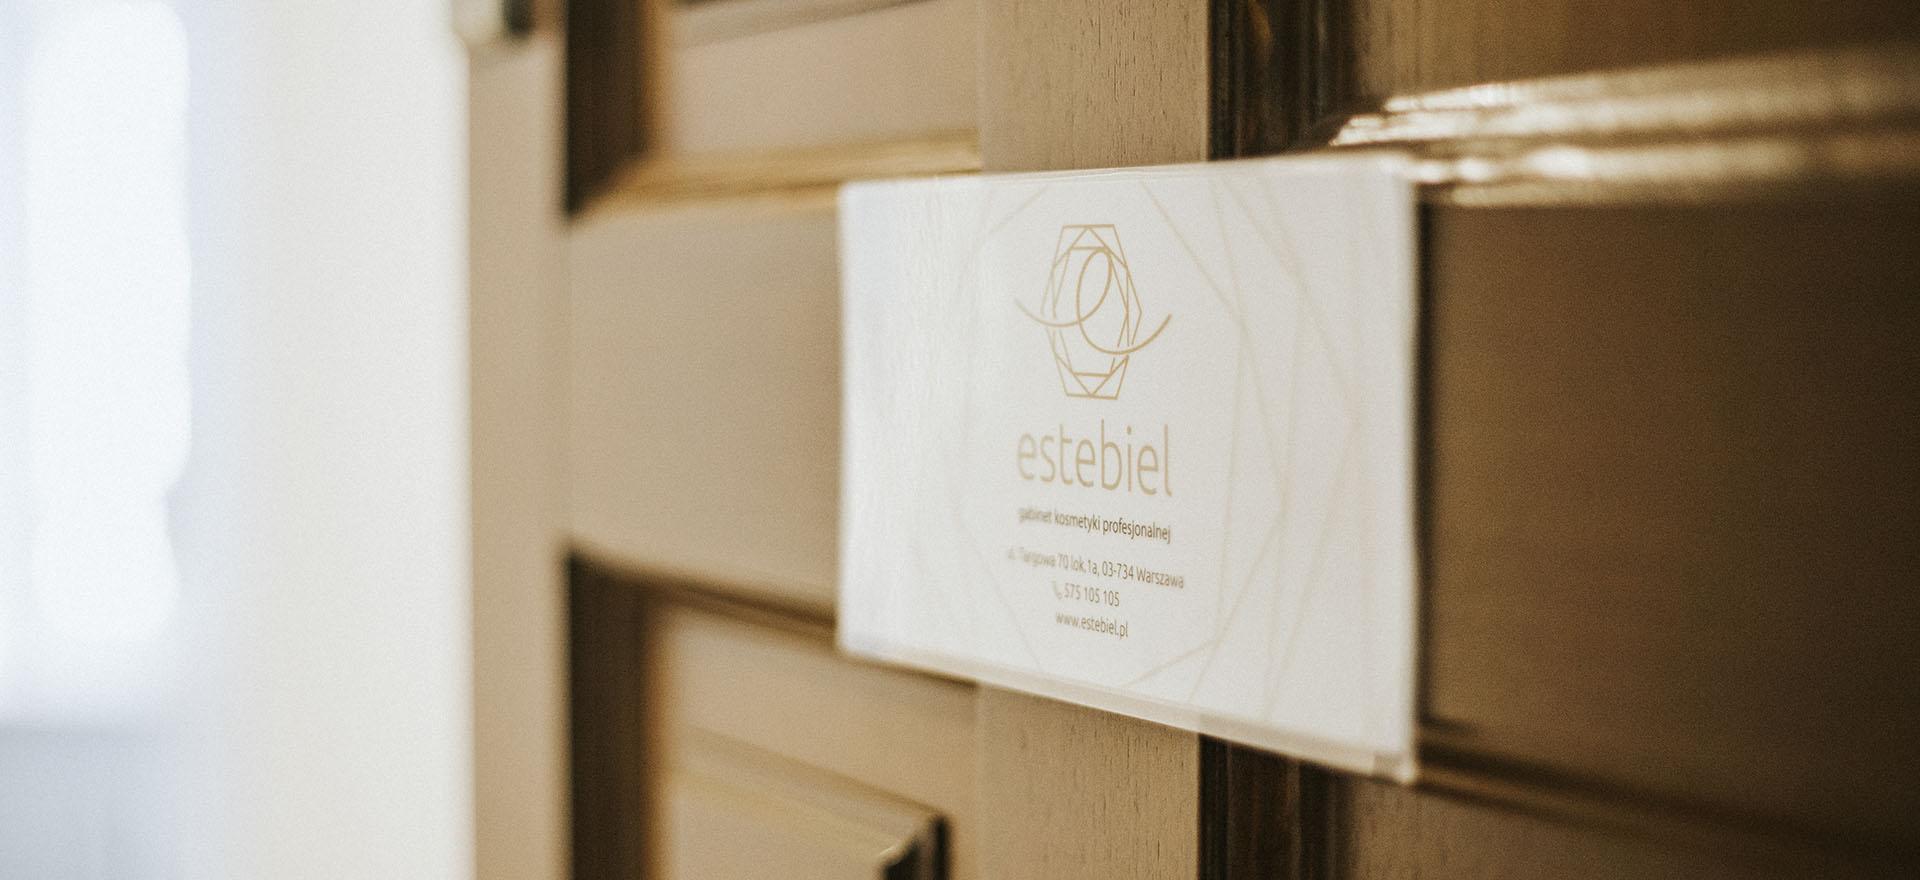 Wizytówka - Estebiel - gabinet kosmetyki